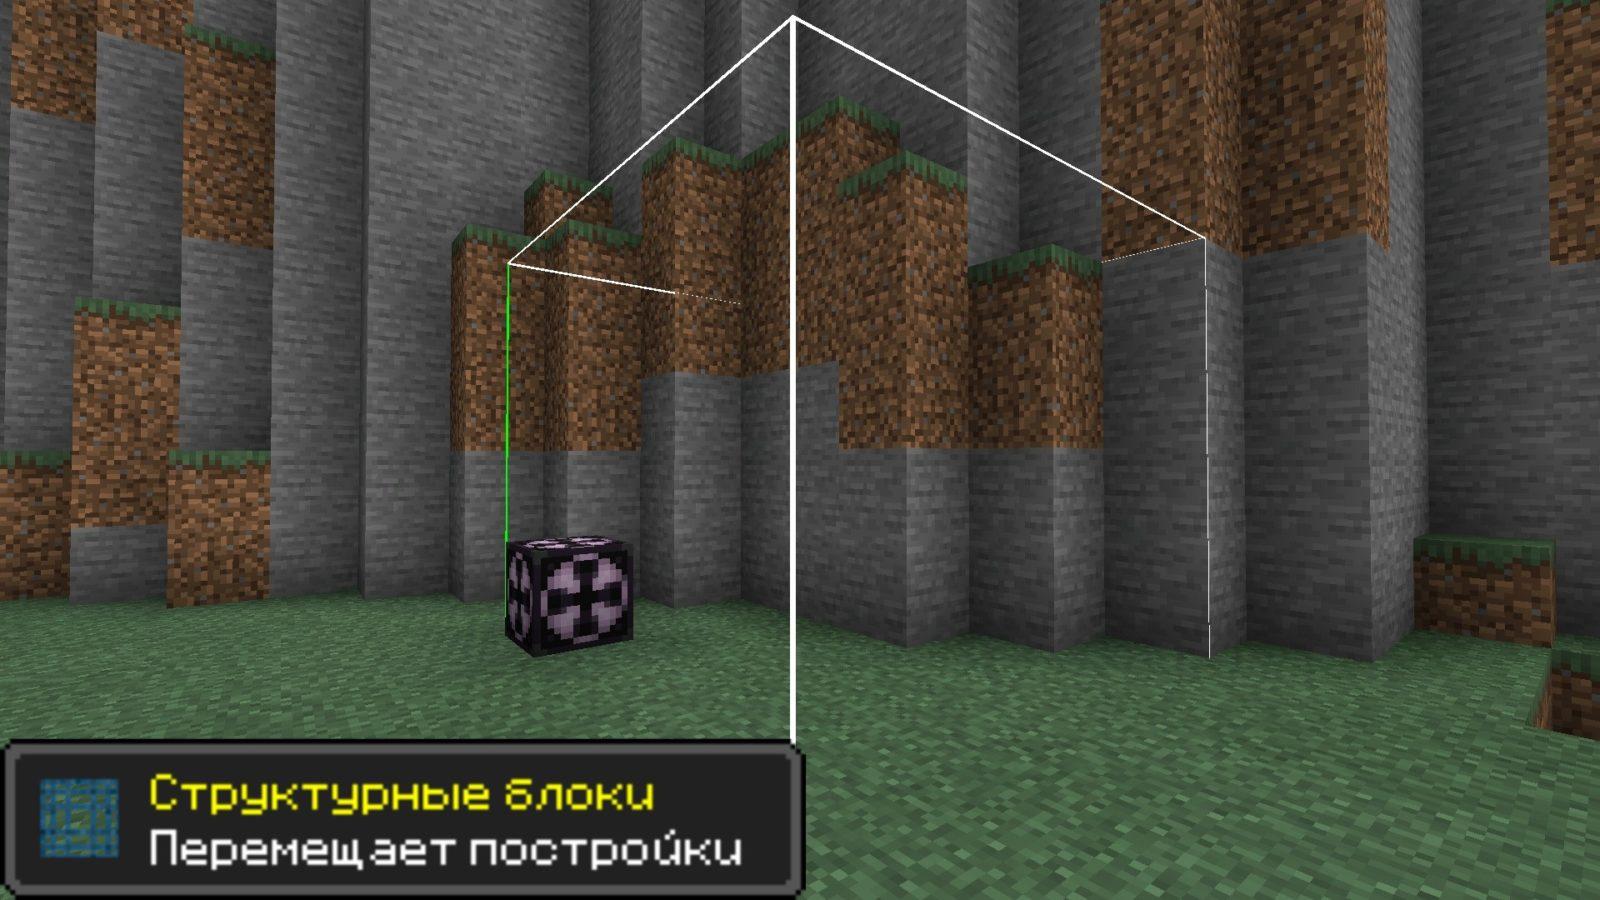 Скачать Майнкрафт 1.10.2. Скриншот 1